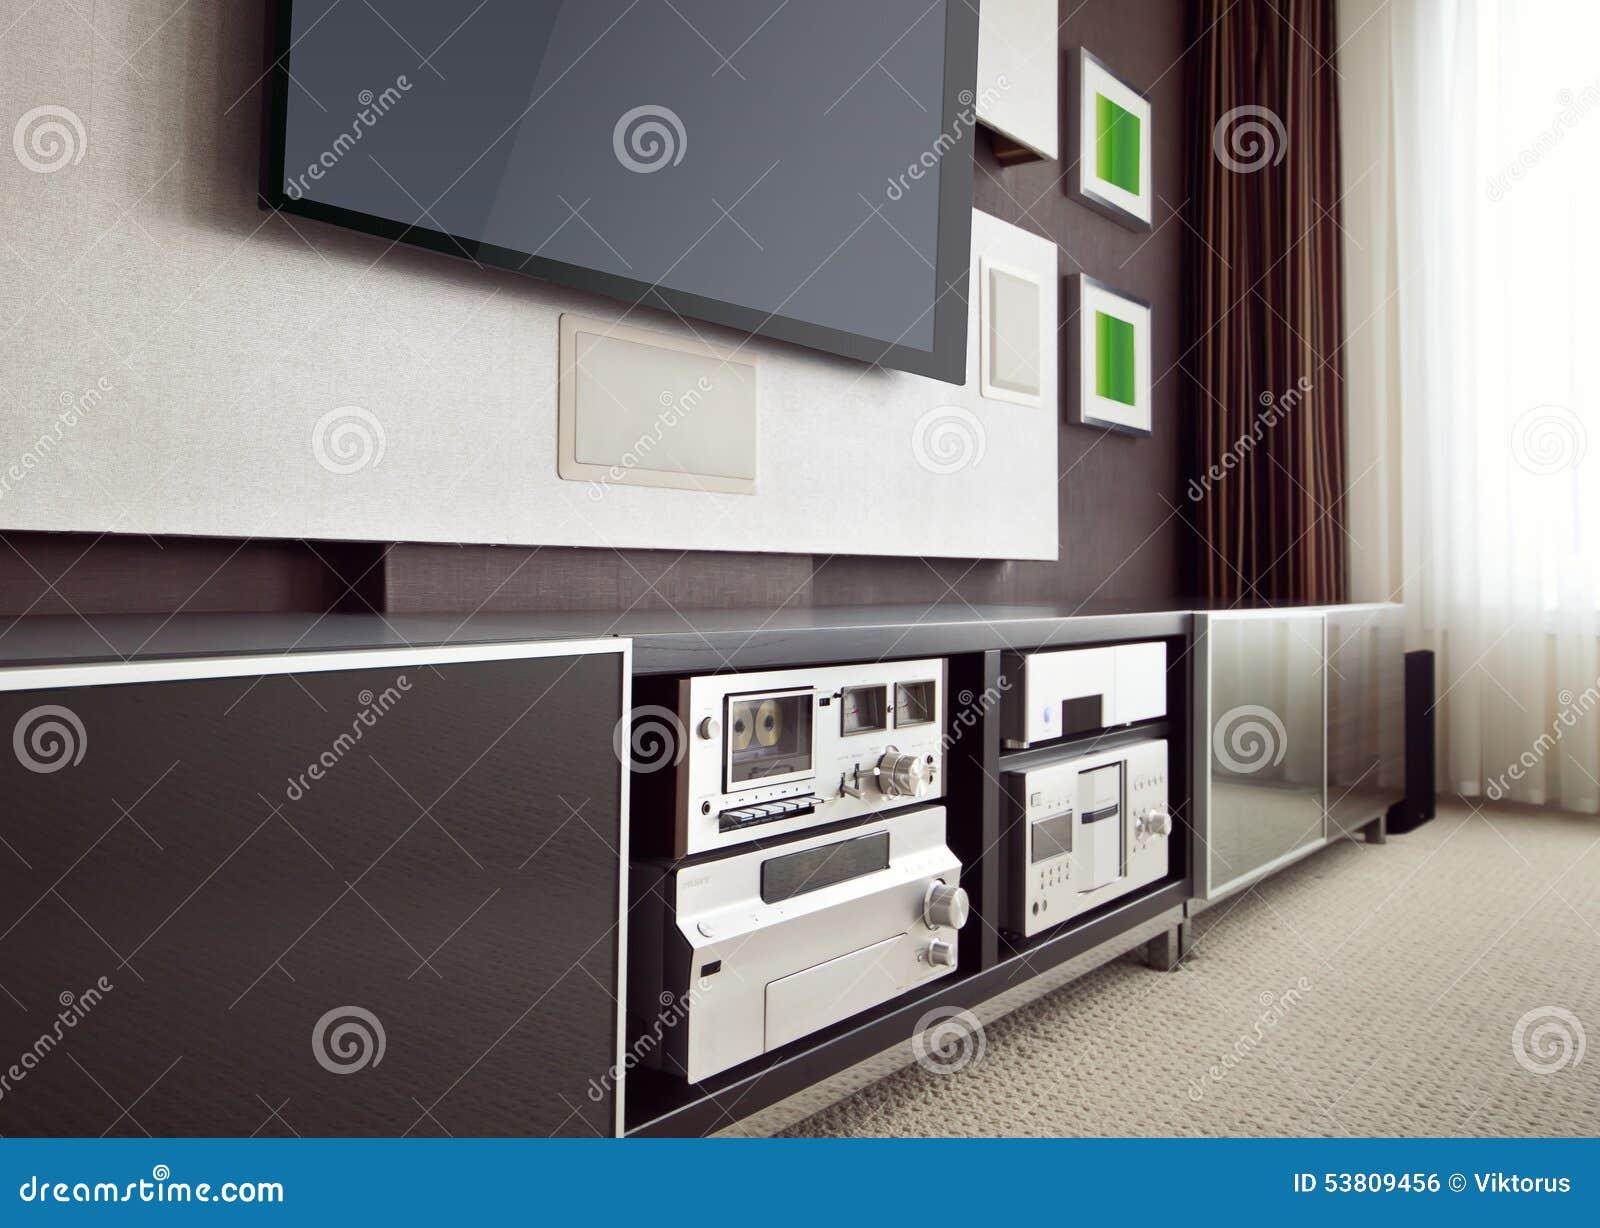 Moderner Heimkino-Raum-Innenraum Mit Flachbildschirm Fernsehen ...